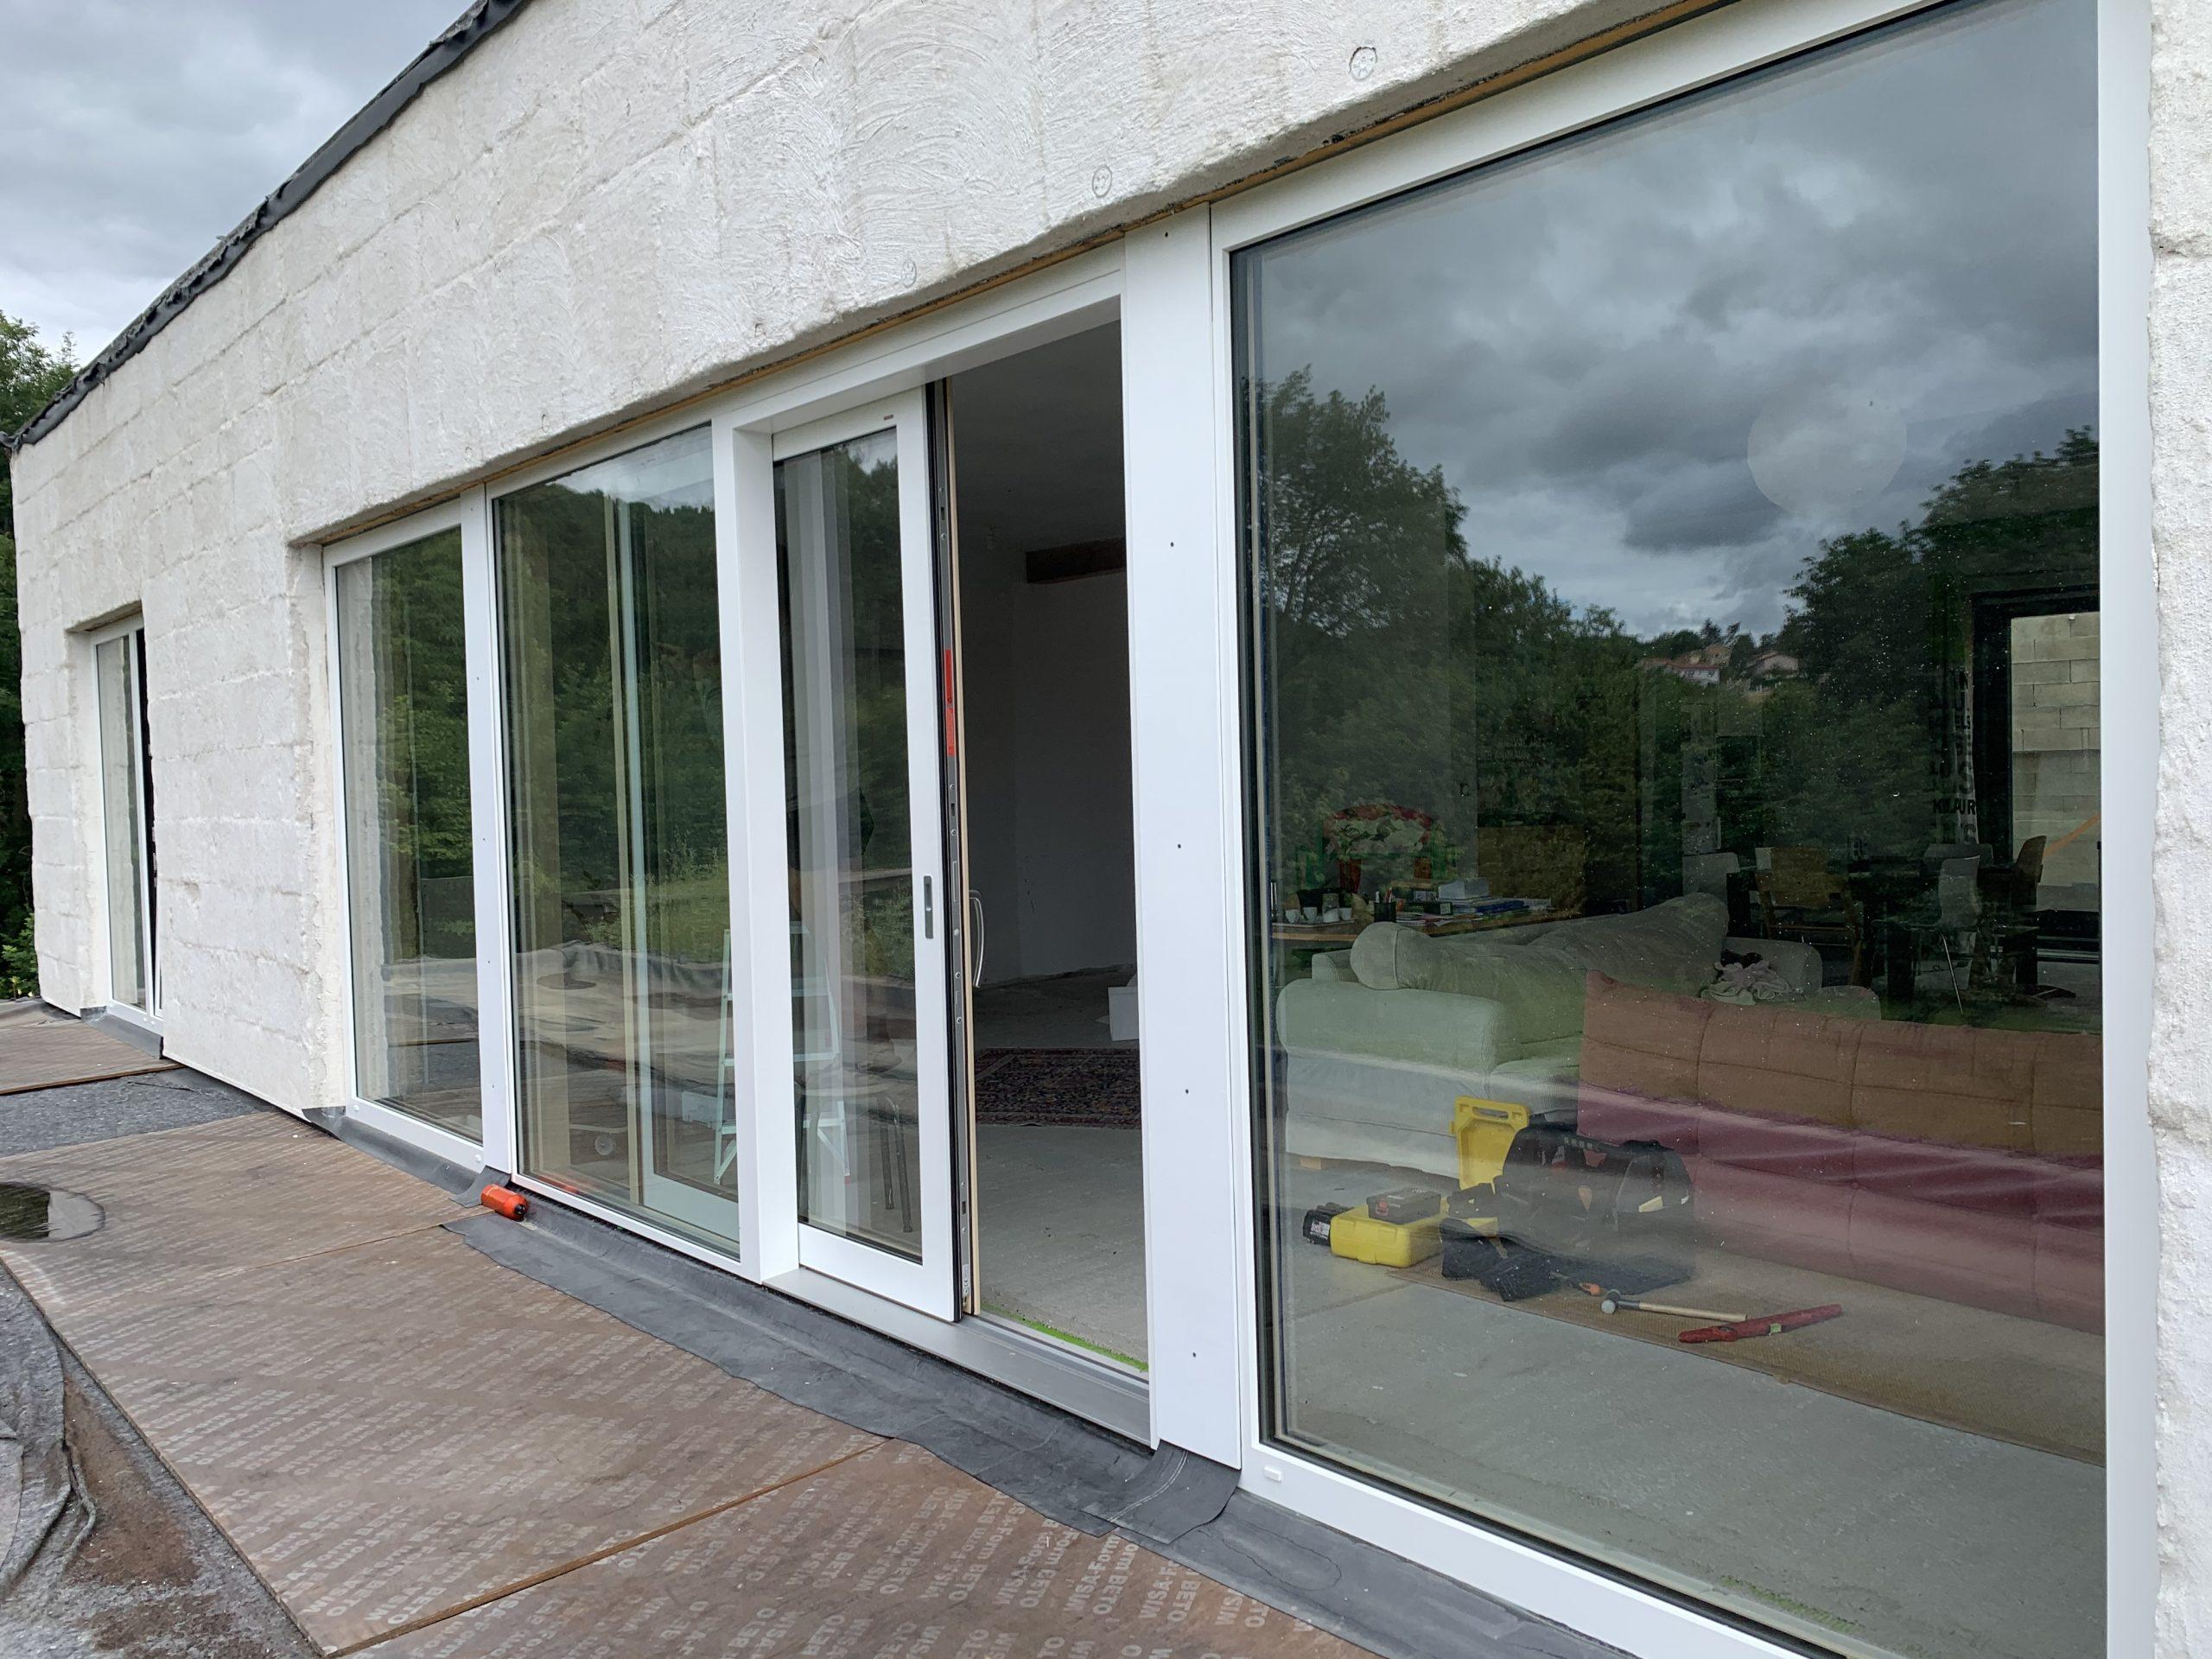 IMG 3983 scaled - Rénovation d'une maison passive